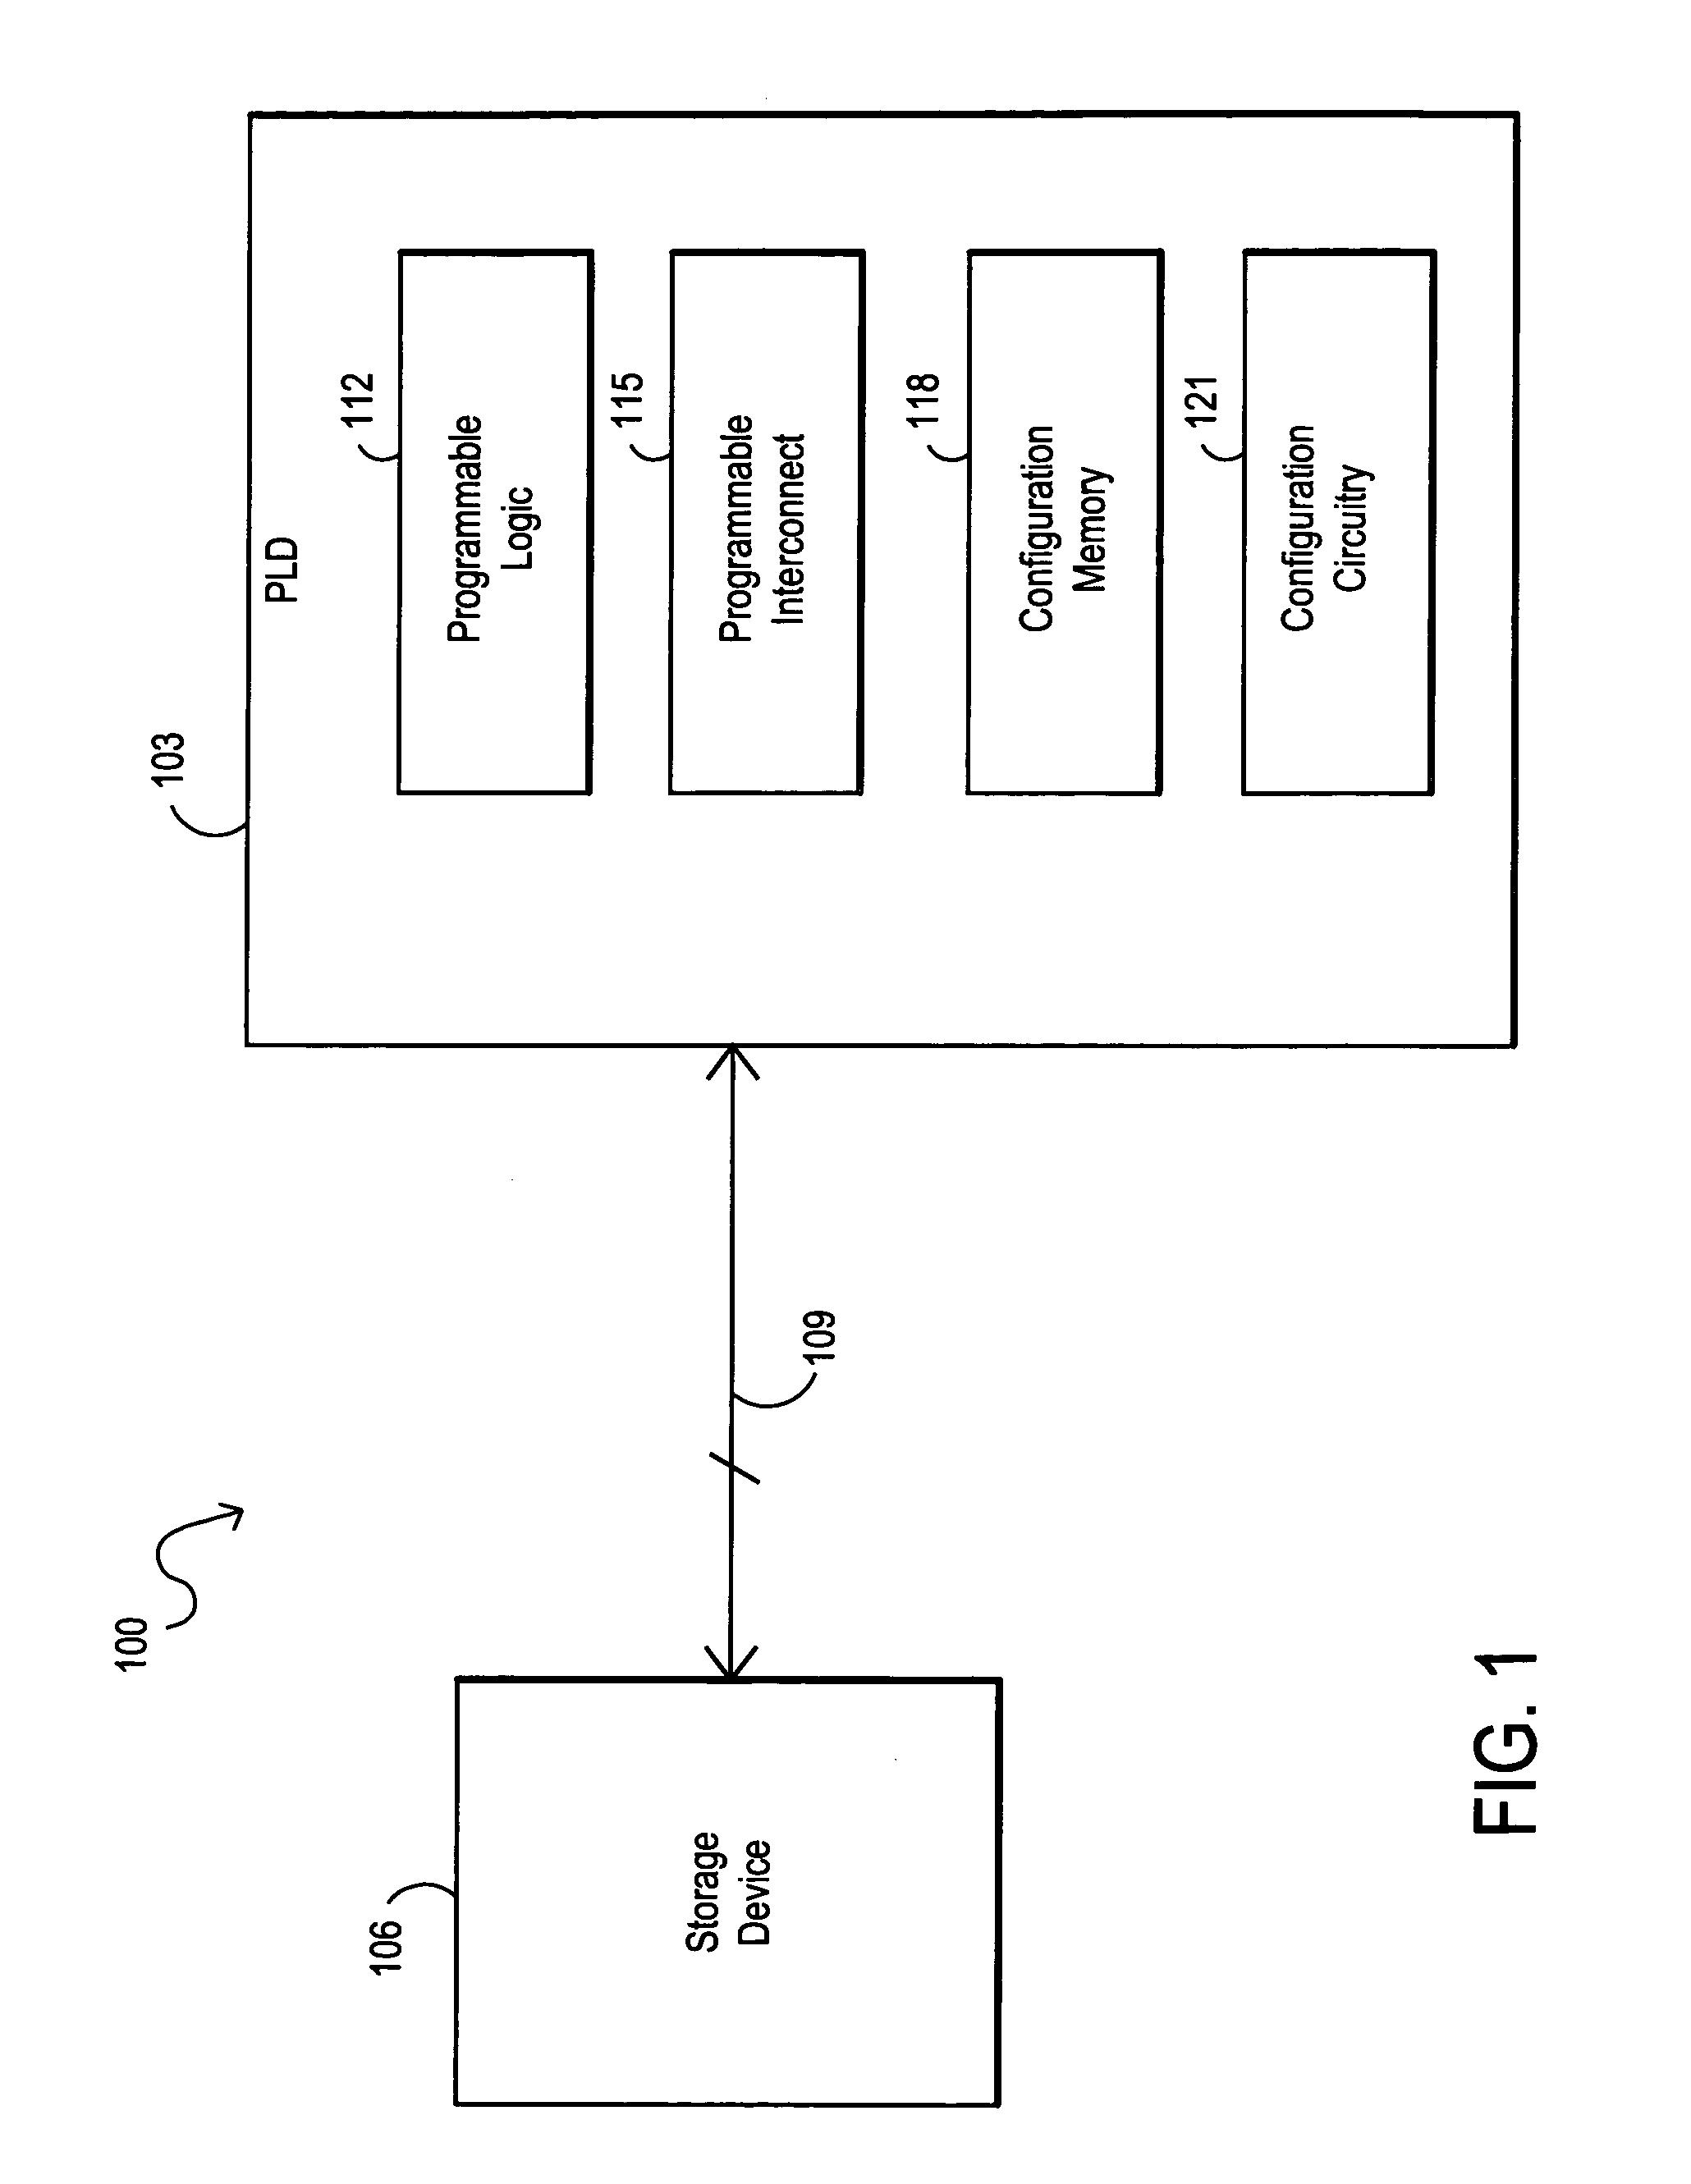 patent us7356620